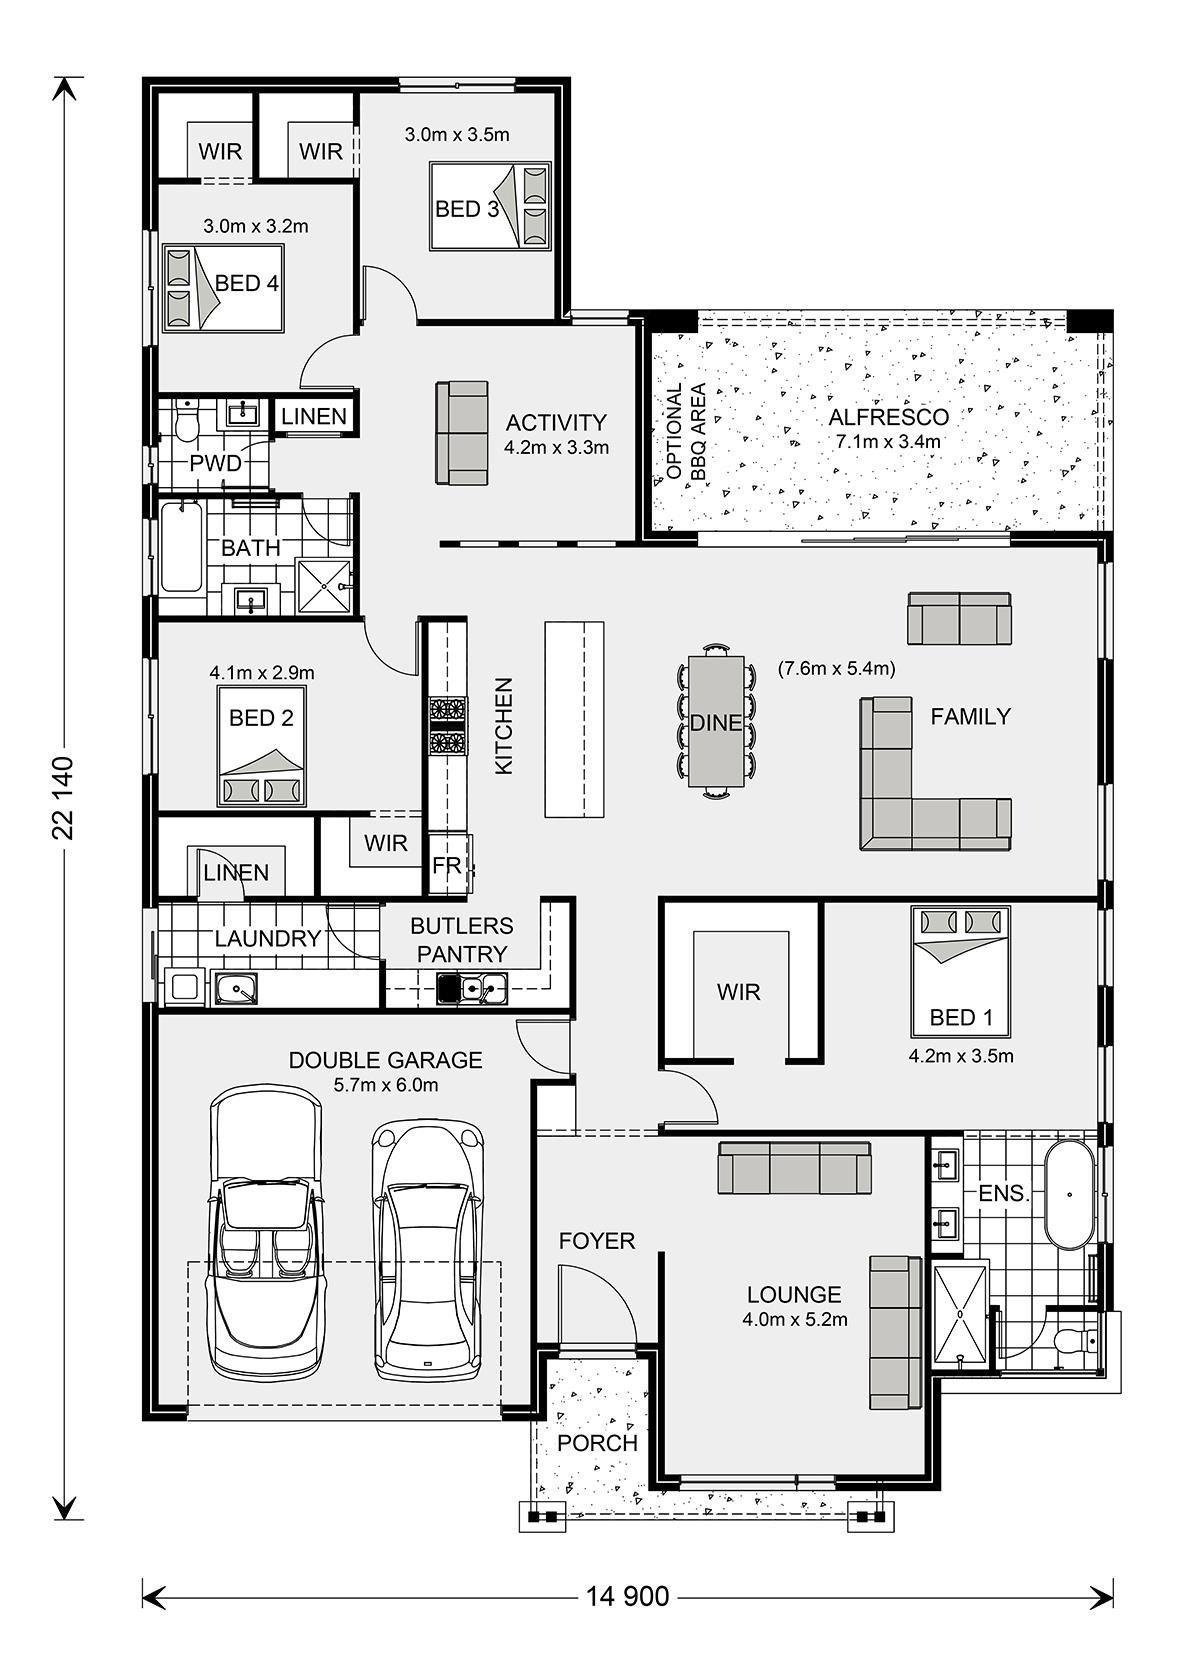 Vista 285 Home Designs In G J Gardner Homes House Plans Australia Home Design Floor Plans Dream House Plans